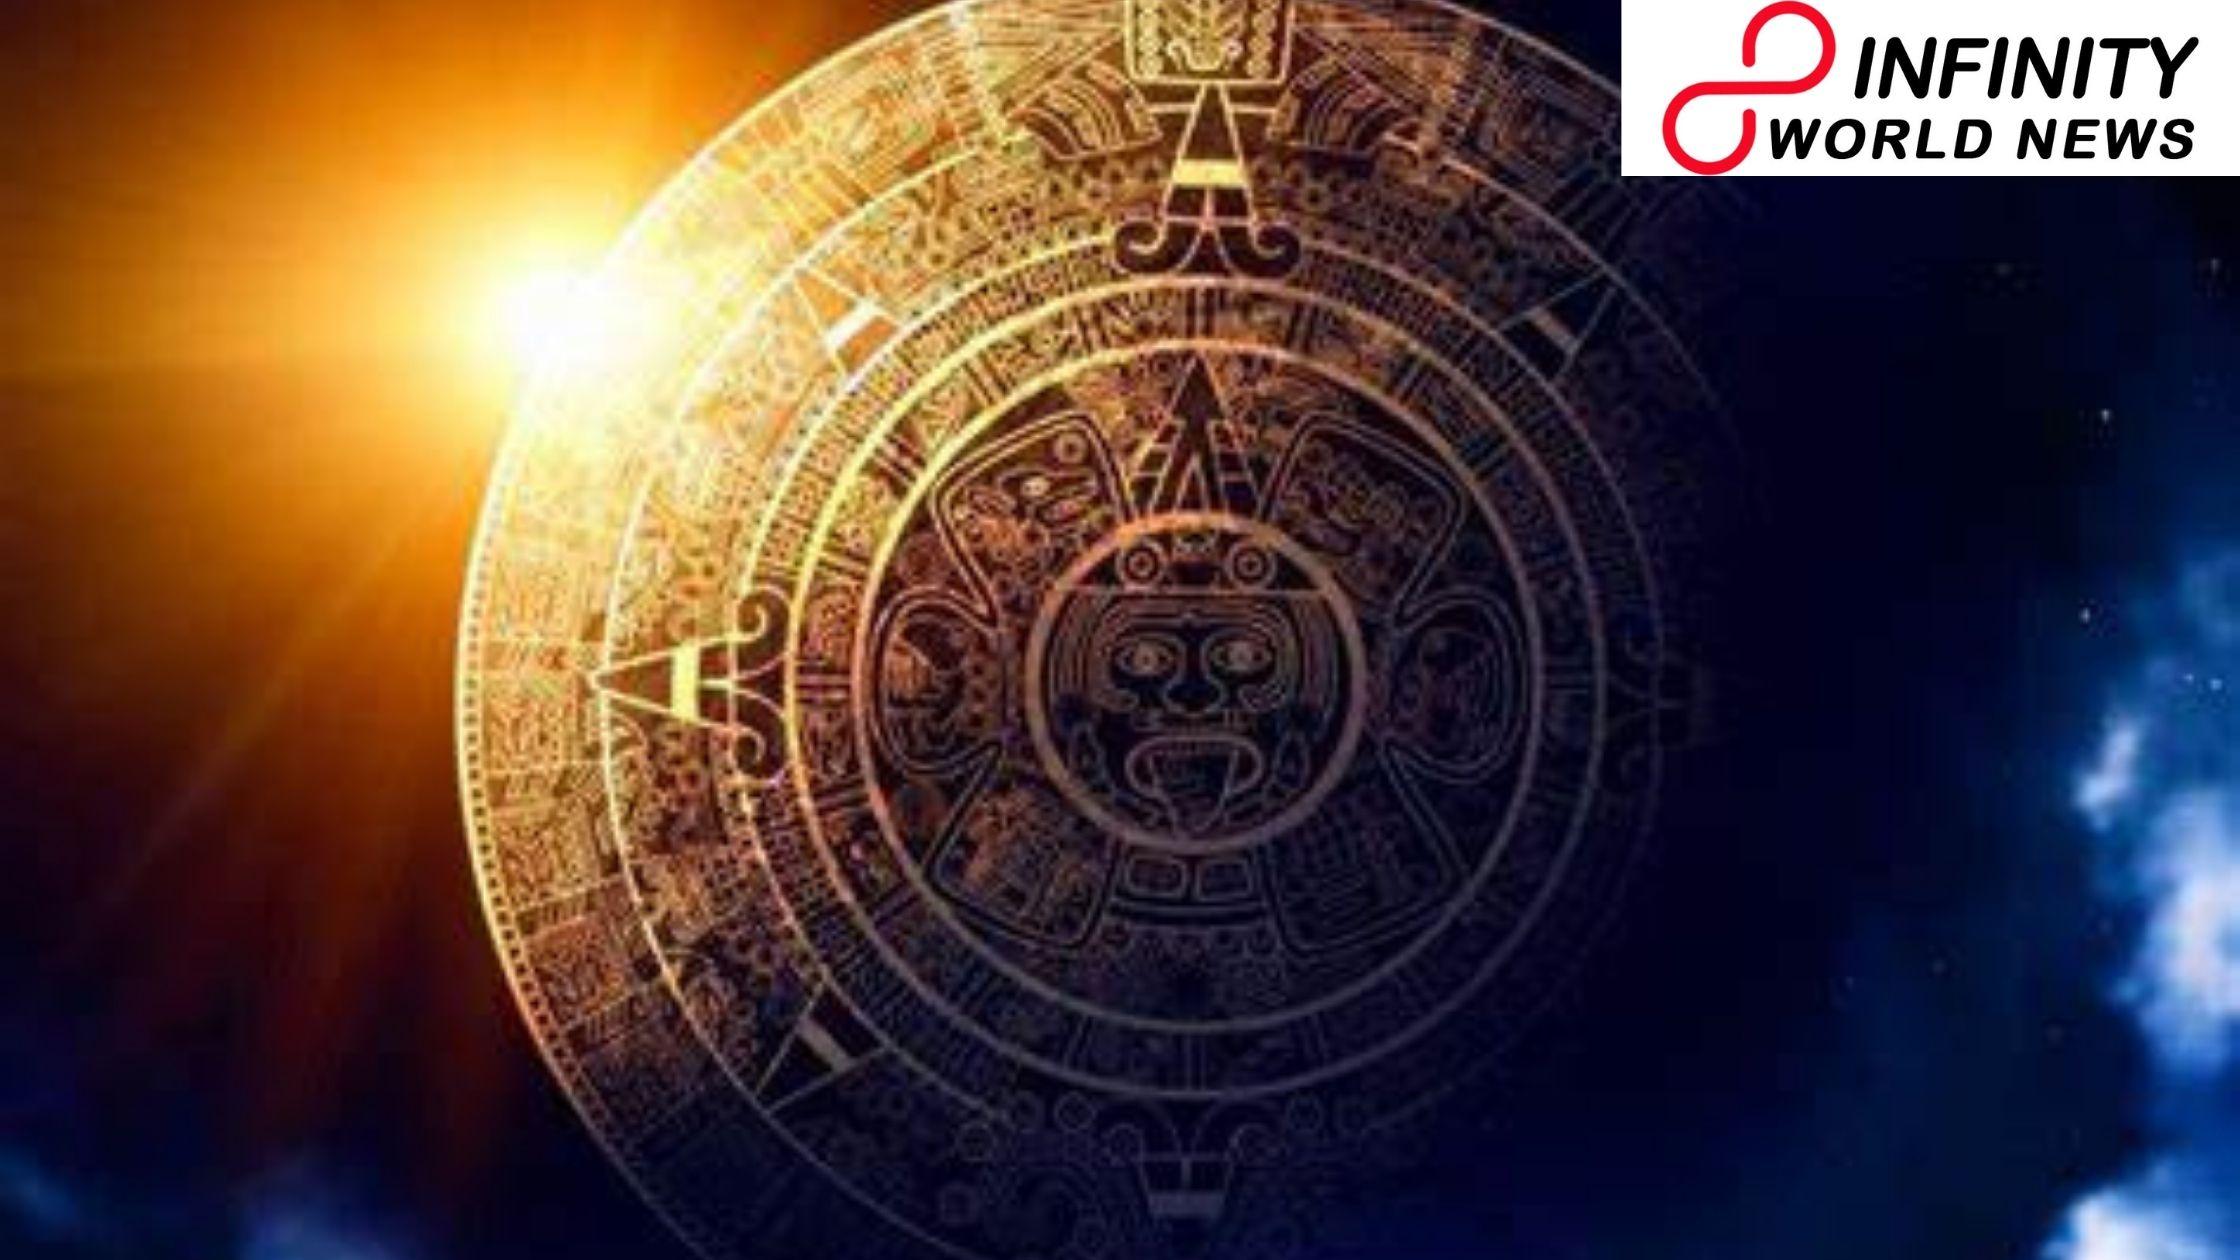 Today Horoscope 17-01-21 Daily Horoscope